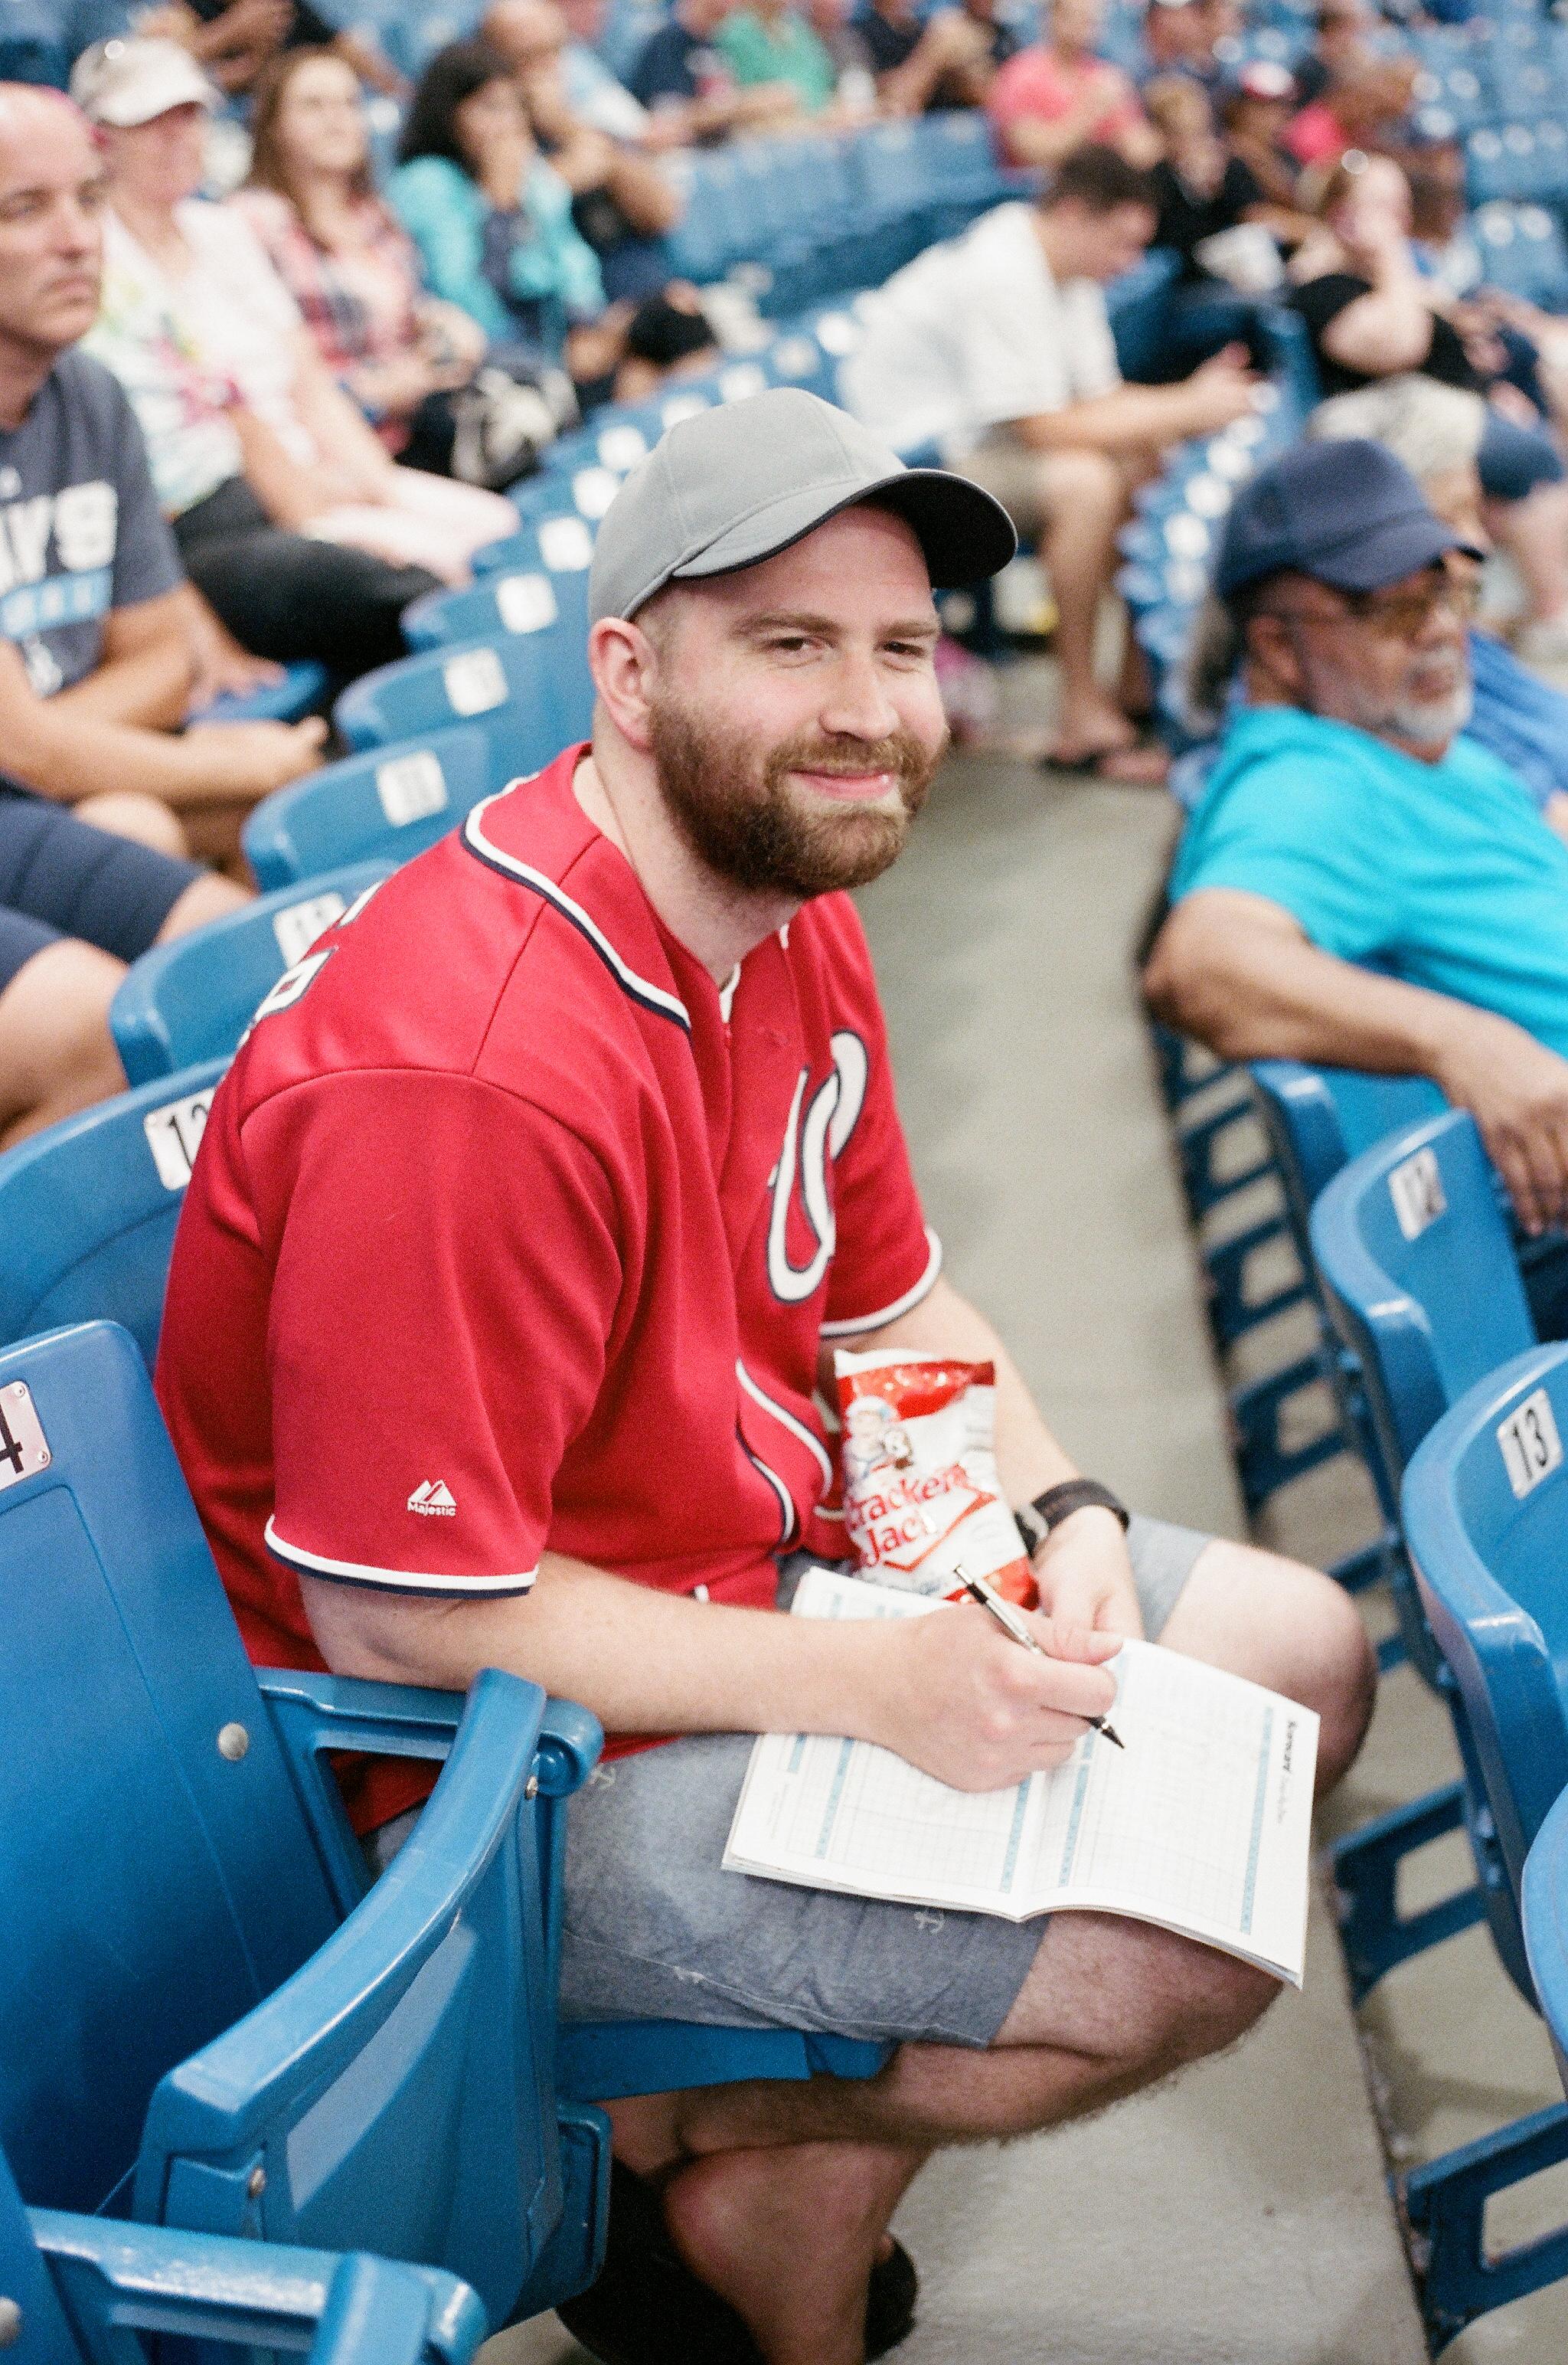 Matt loves keeping score at baseball games